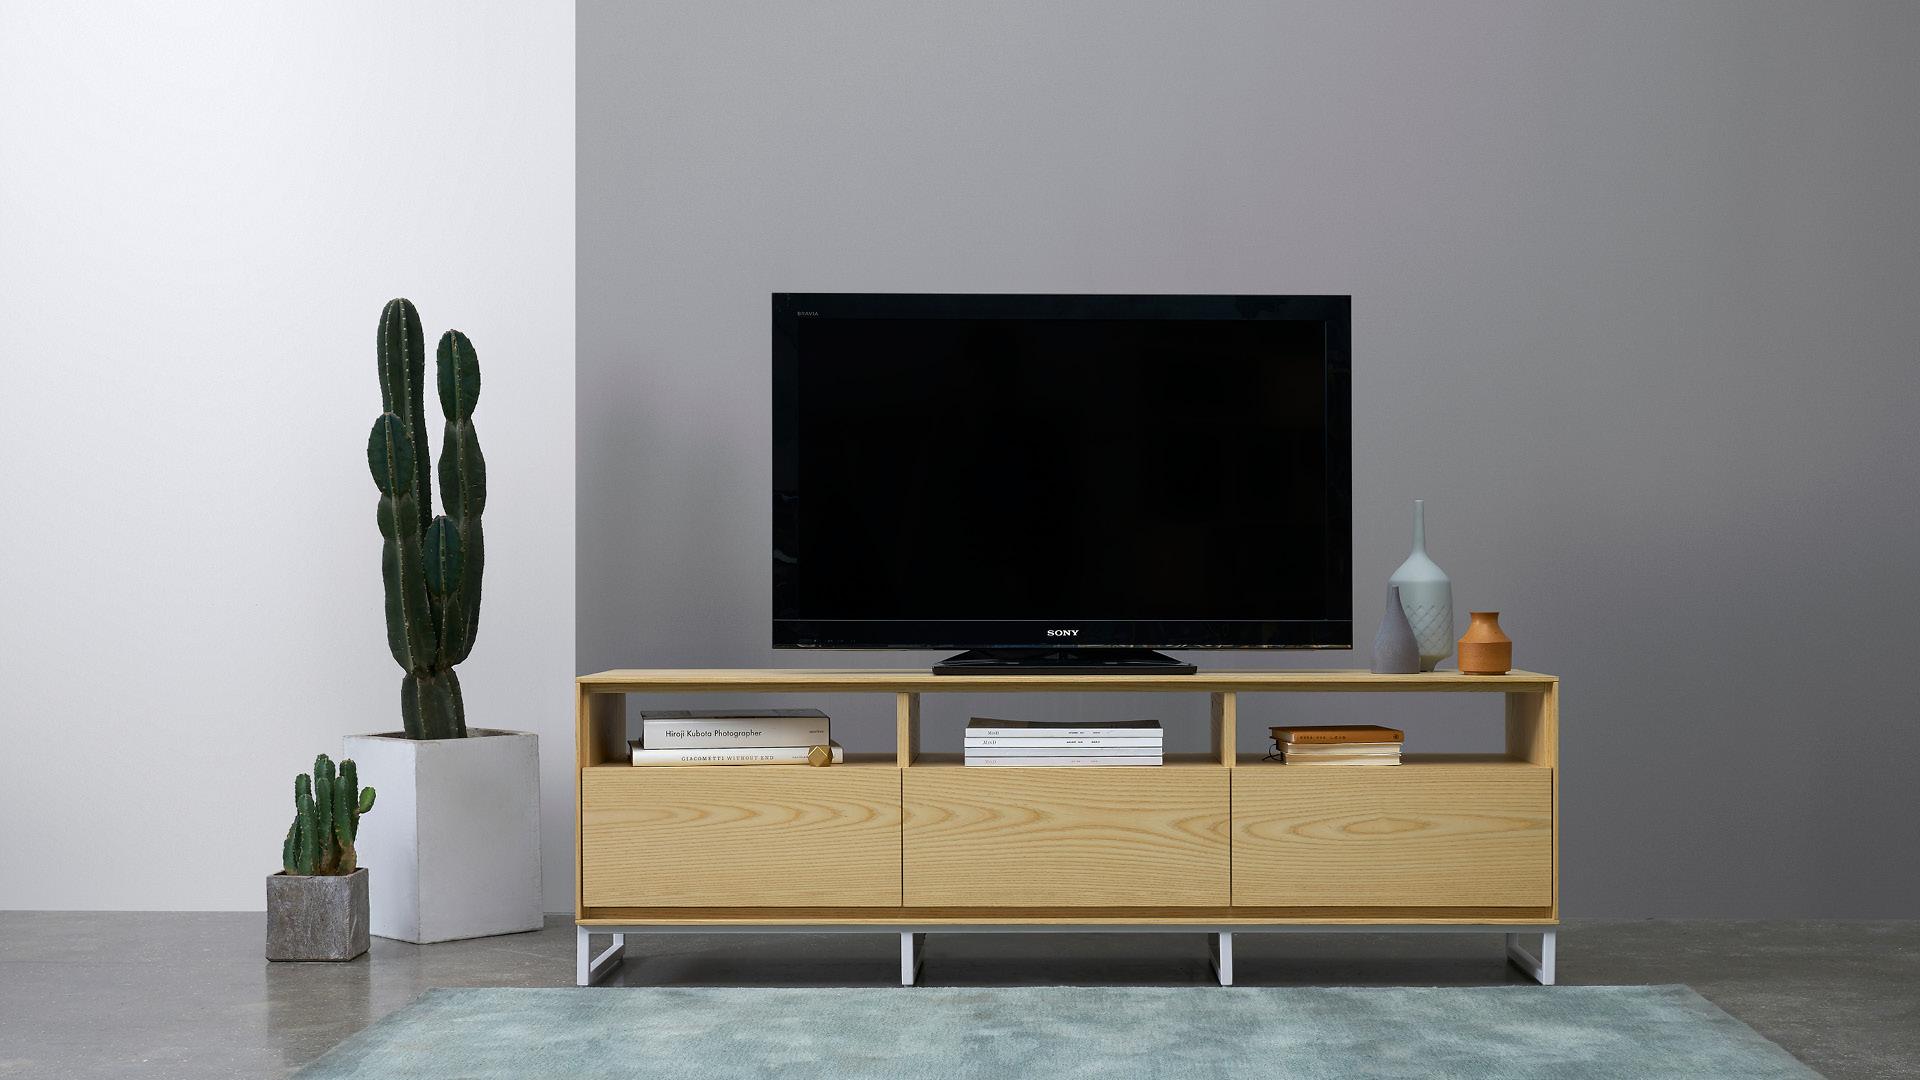 简洁流畅的线条,恰到好处的尺寸设计,撑起起居空间的基础格调,适应不同类型客厅的影音设备。?x-oss-process=image/format,jpg/interlace,1